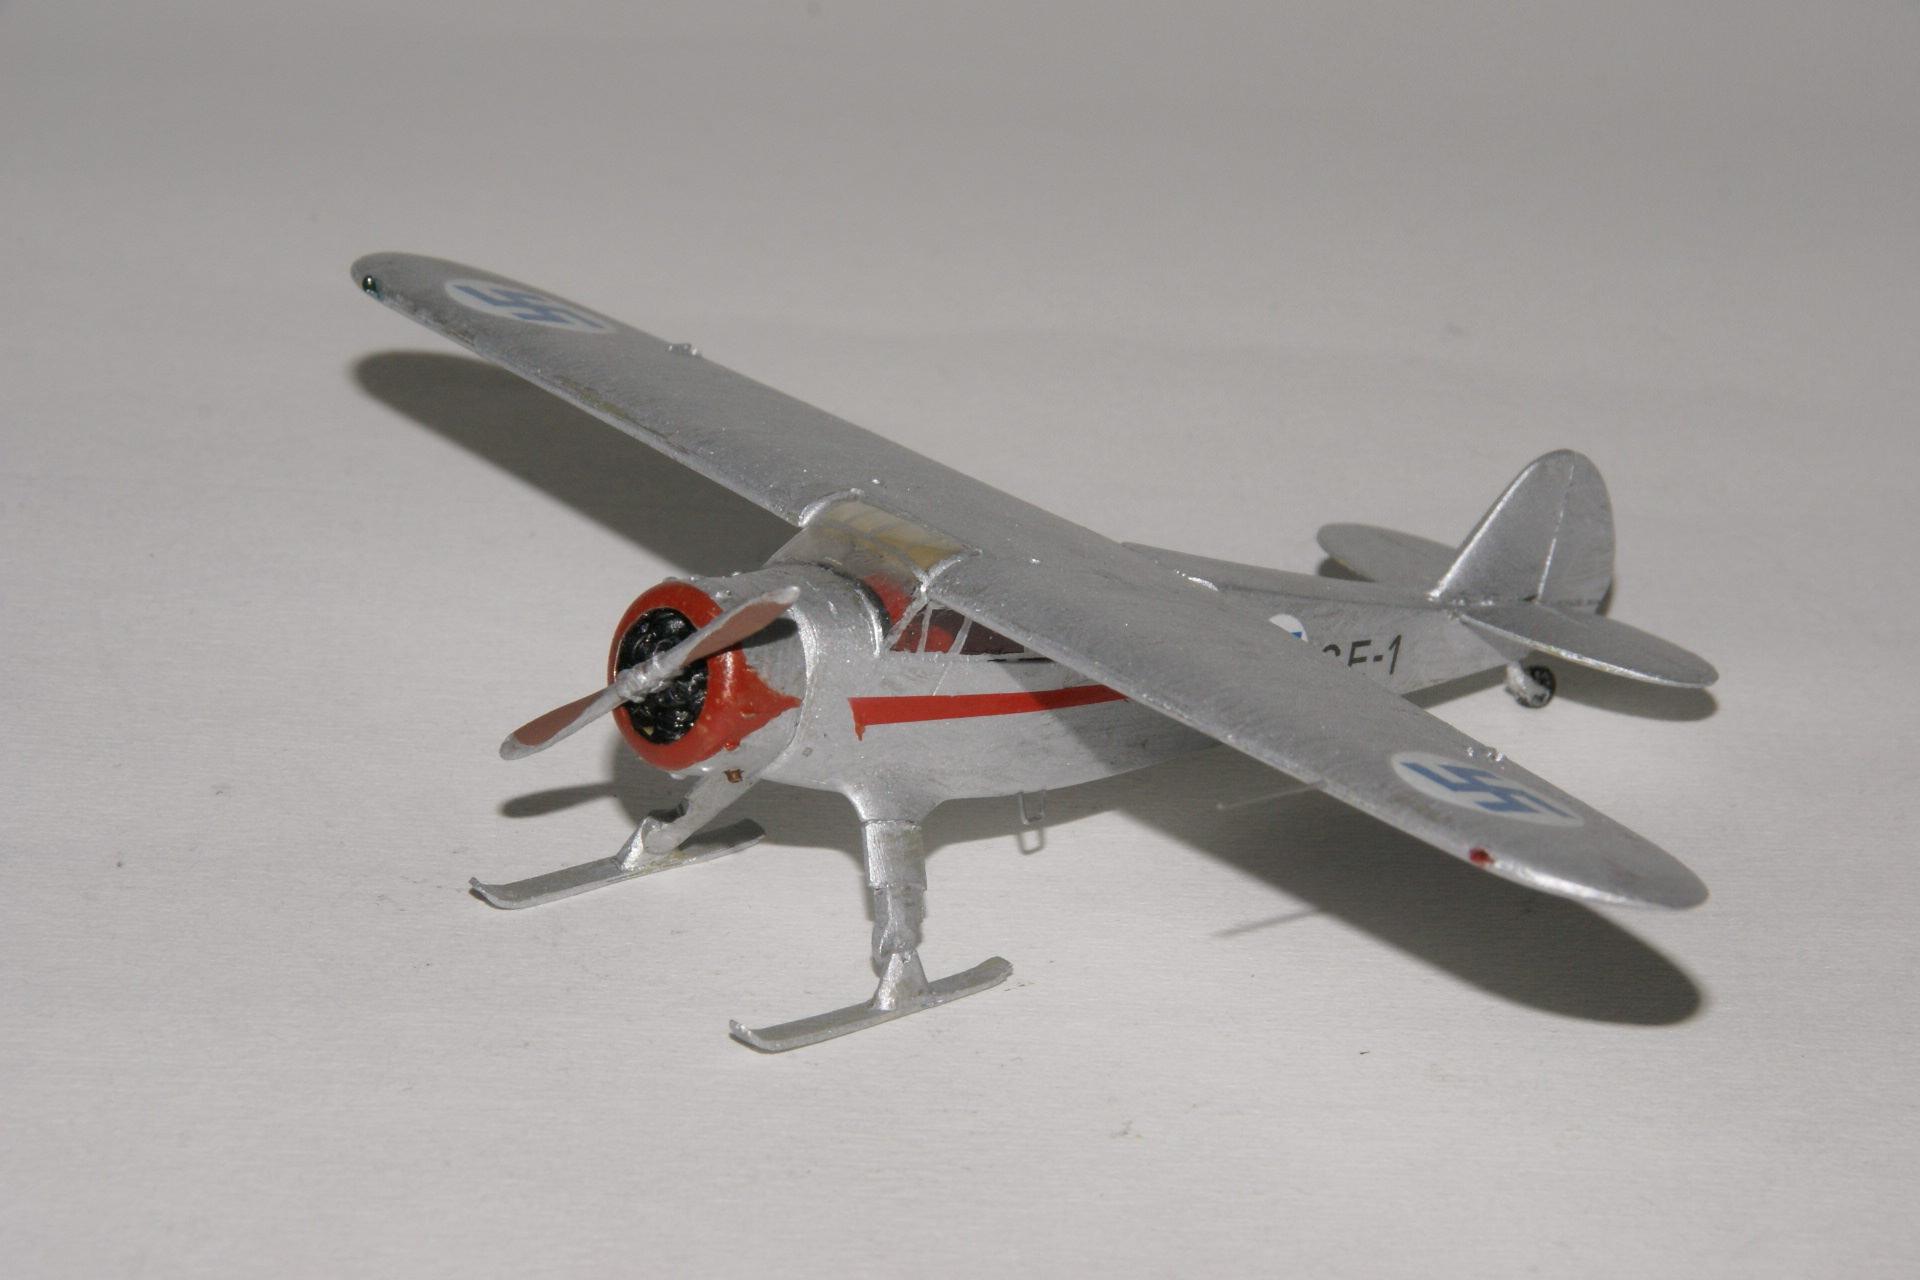 Cessna c 37 airmaster 6